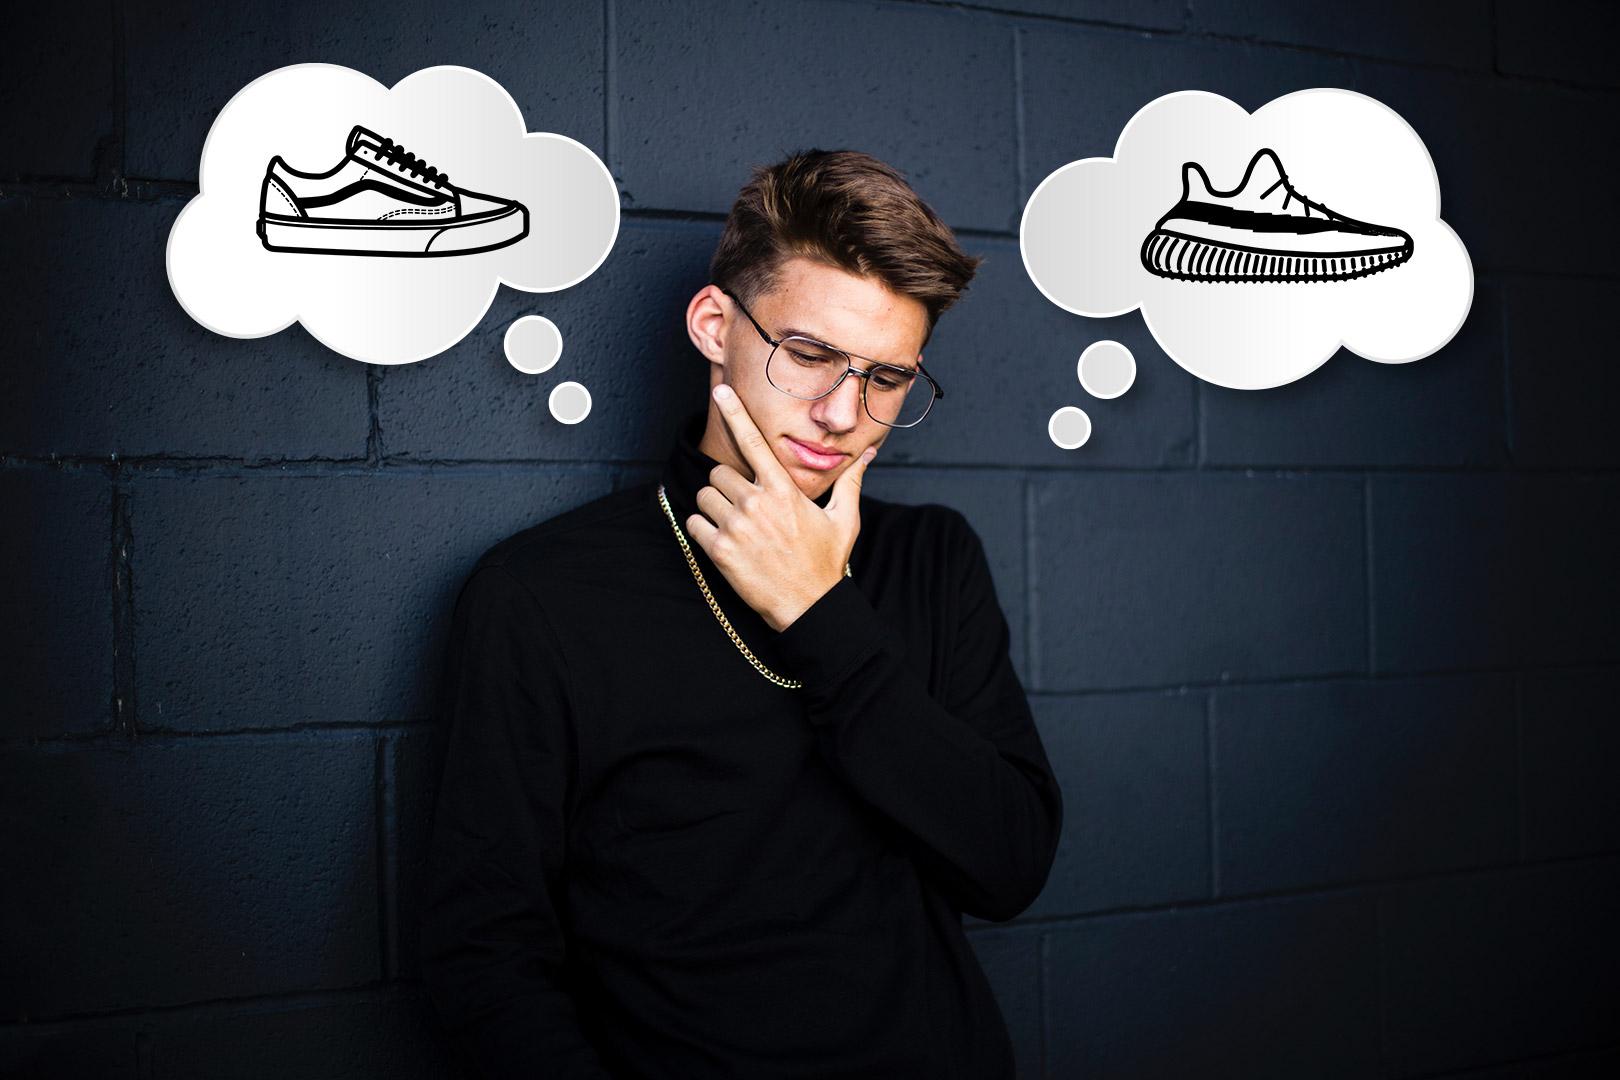 Kérdések a cipővásárlási szokásokról